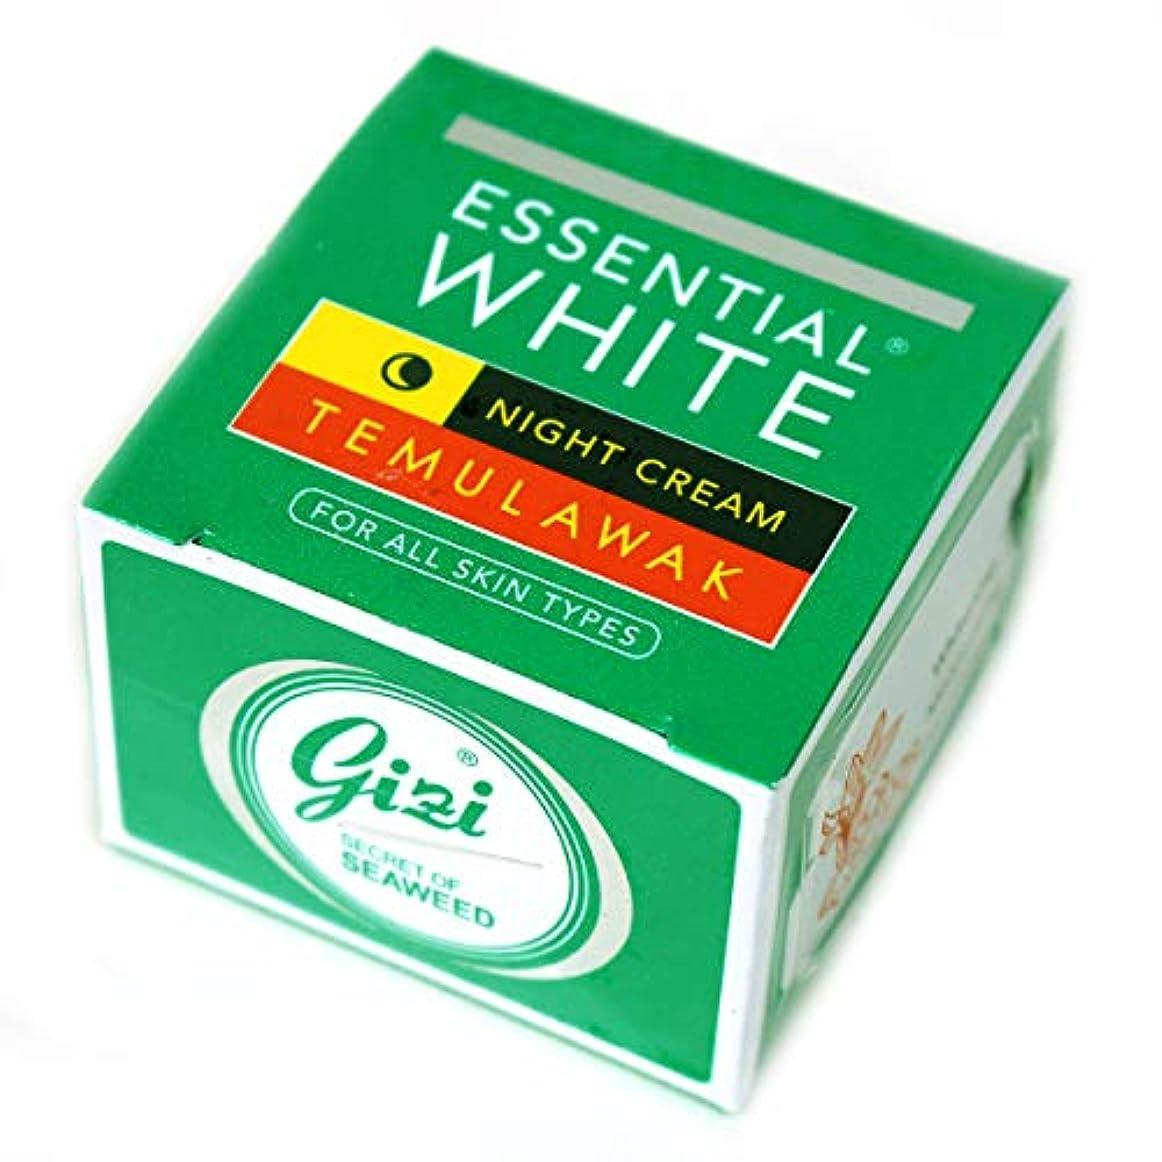 トロピカルシマウマ評決ギジ gizi Essential White ナイト用スキンケアクリーム ボトルタイプ 9g テムラワク ウコン など天然成分配合 [海外直送品]